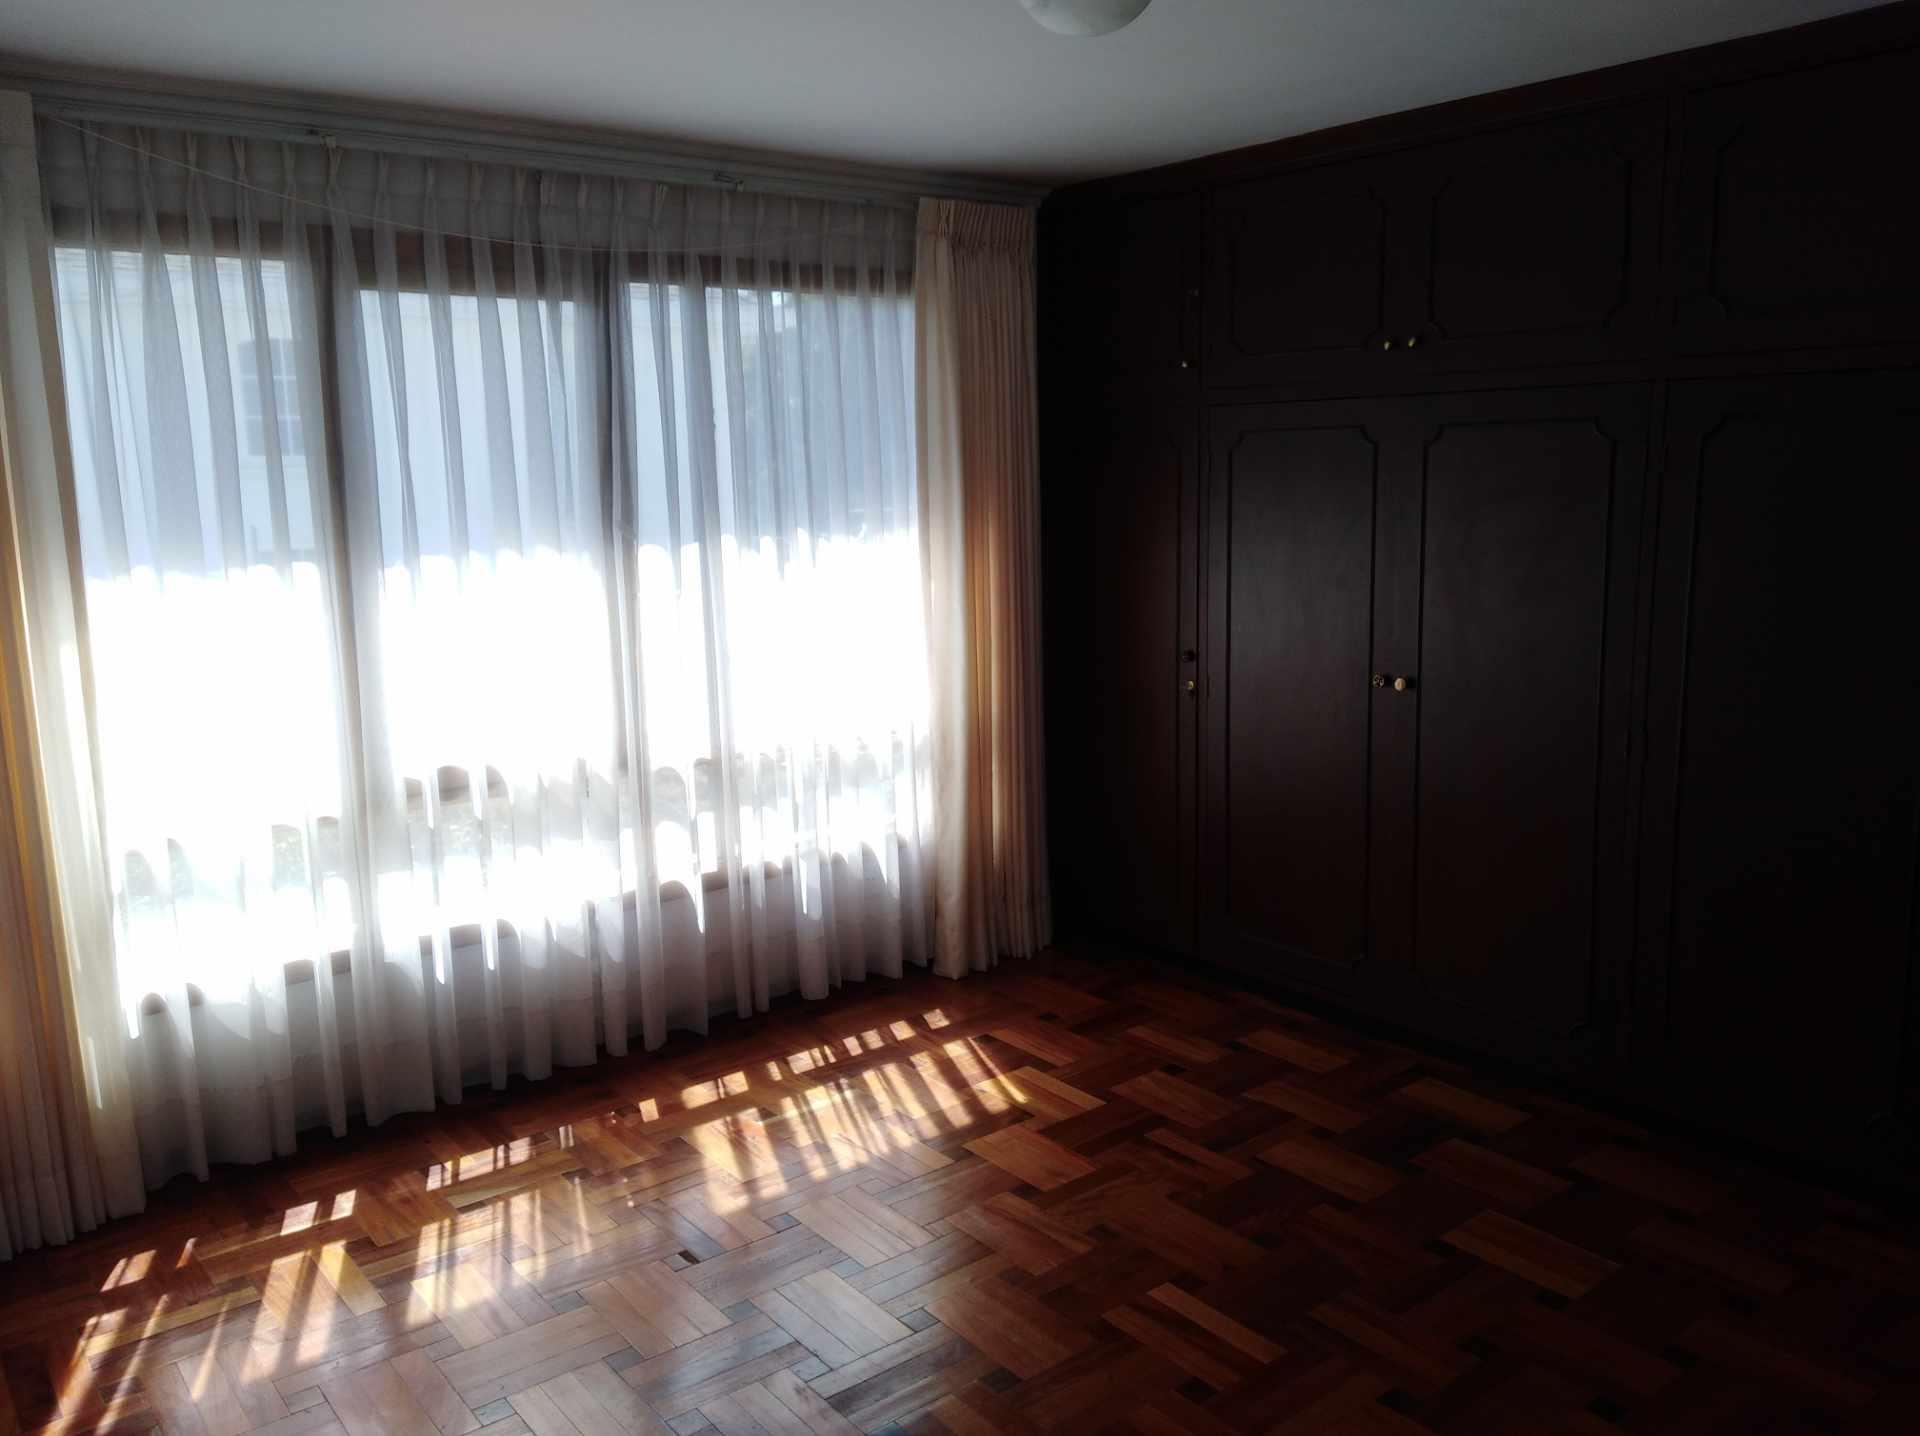 Casa en Alquiler CALACOTO calle 16 a 1/2 cuadra de la Av. Julio C. Patiño.  Foto 27